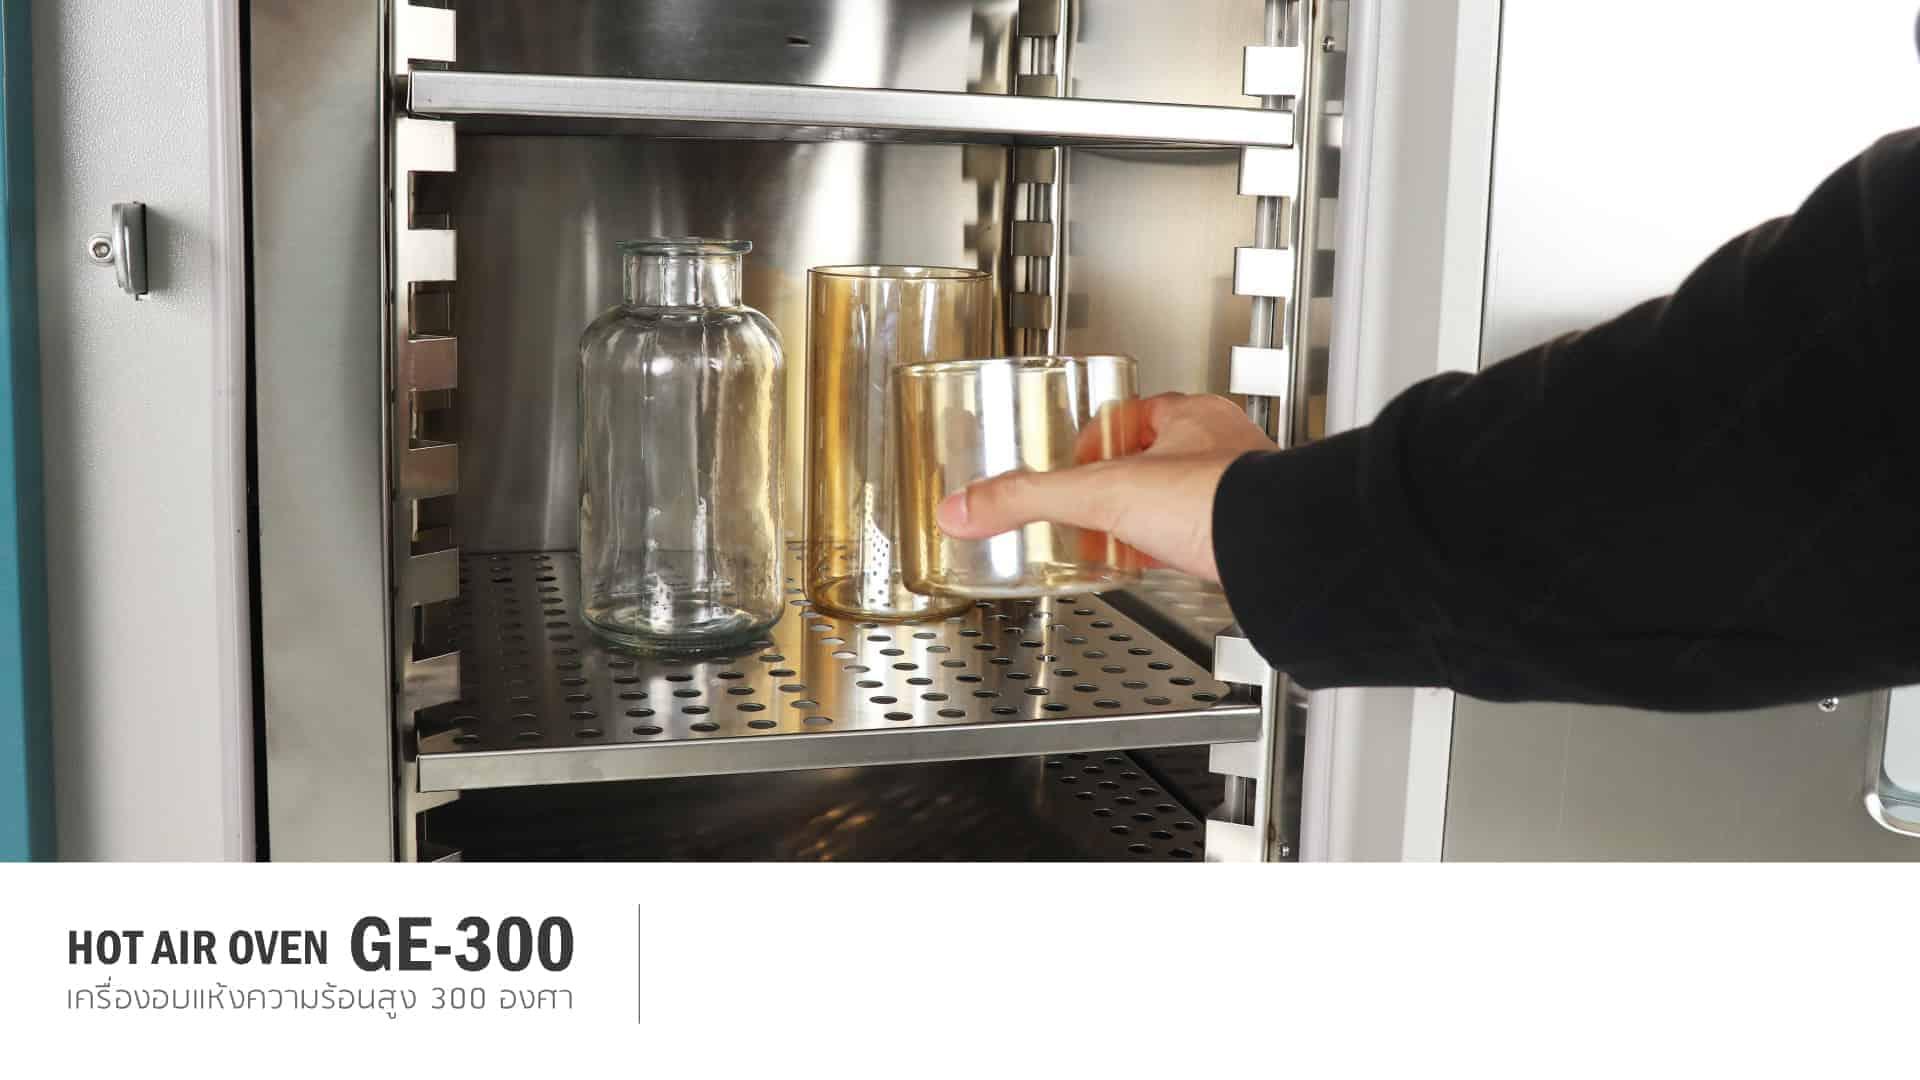 ตู้อบวิจัย-GE300-วิธีการใช้งาน3